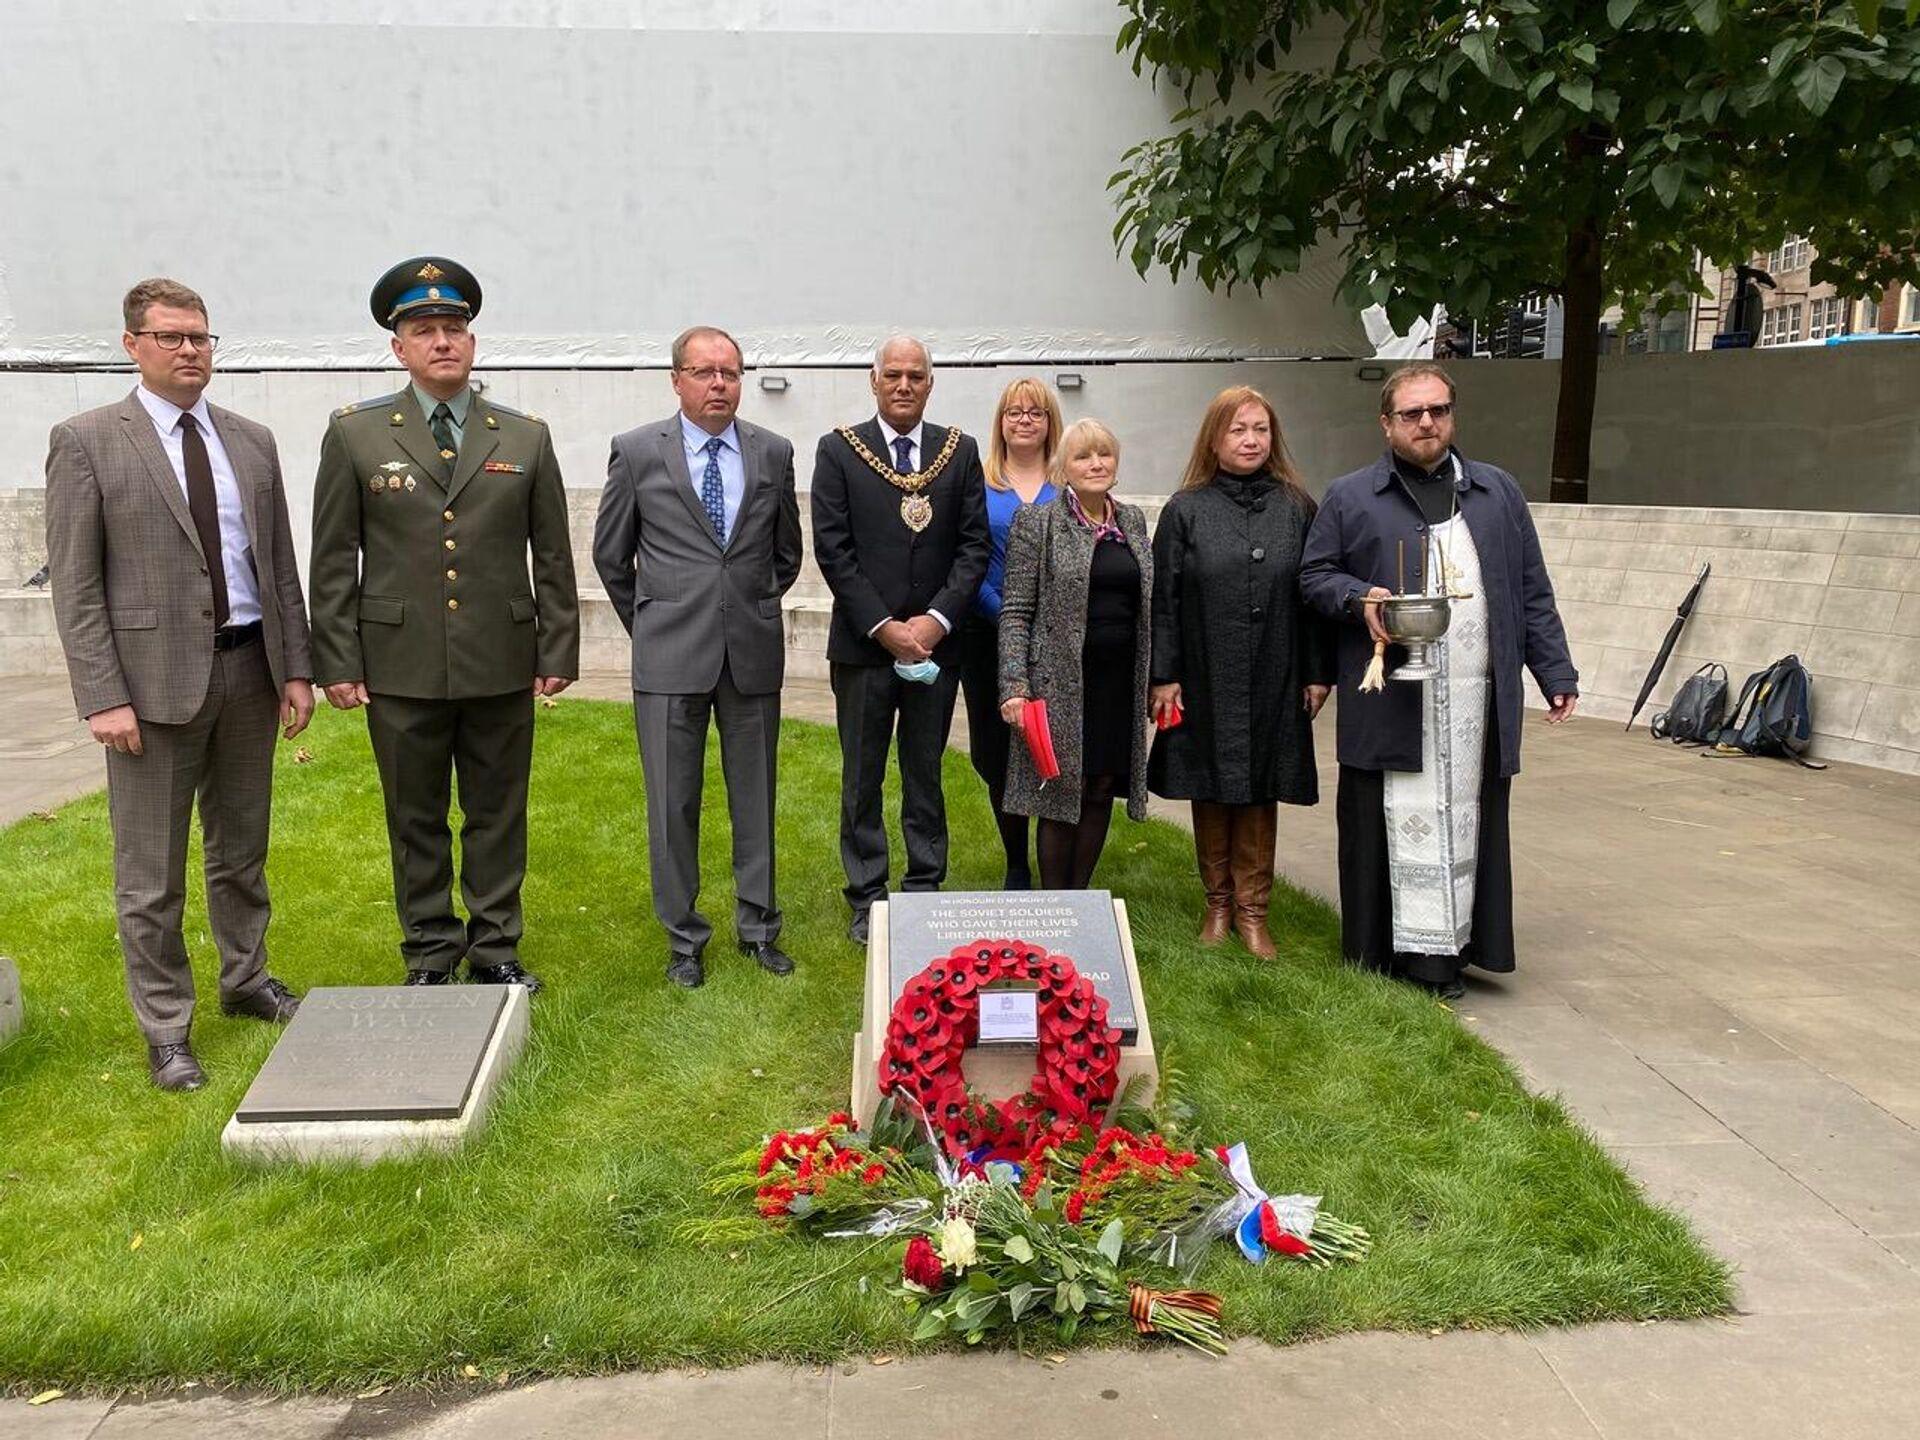 Открытие мемориала советским солдатам в Манчестере - РИА Новости, 1920, 03.09.2020